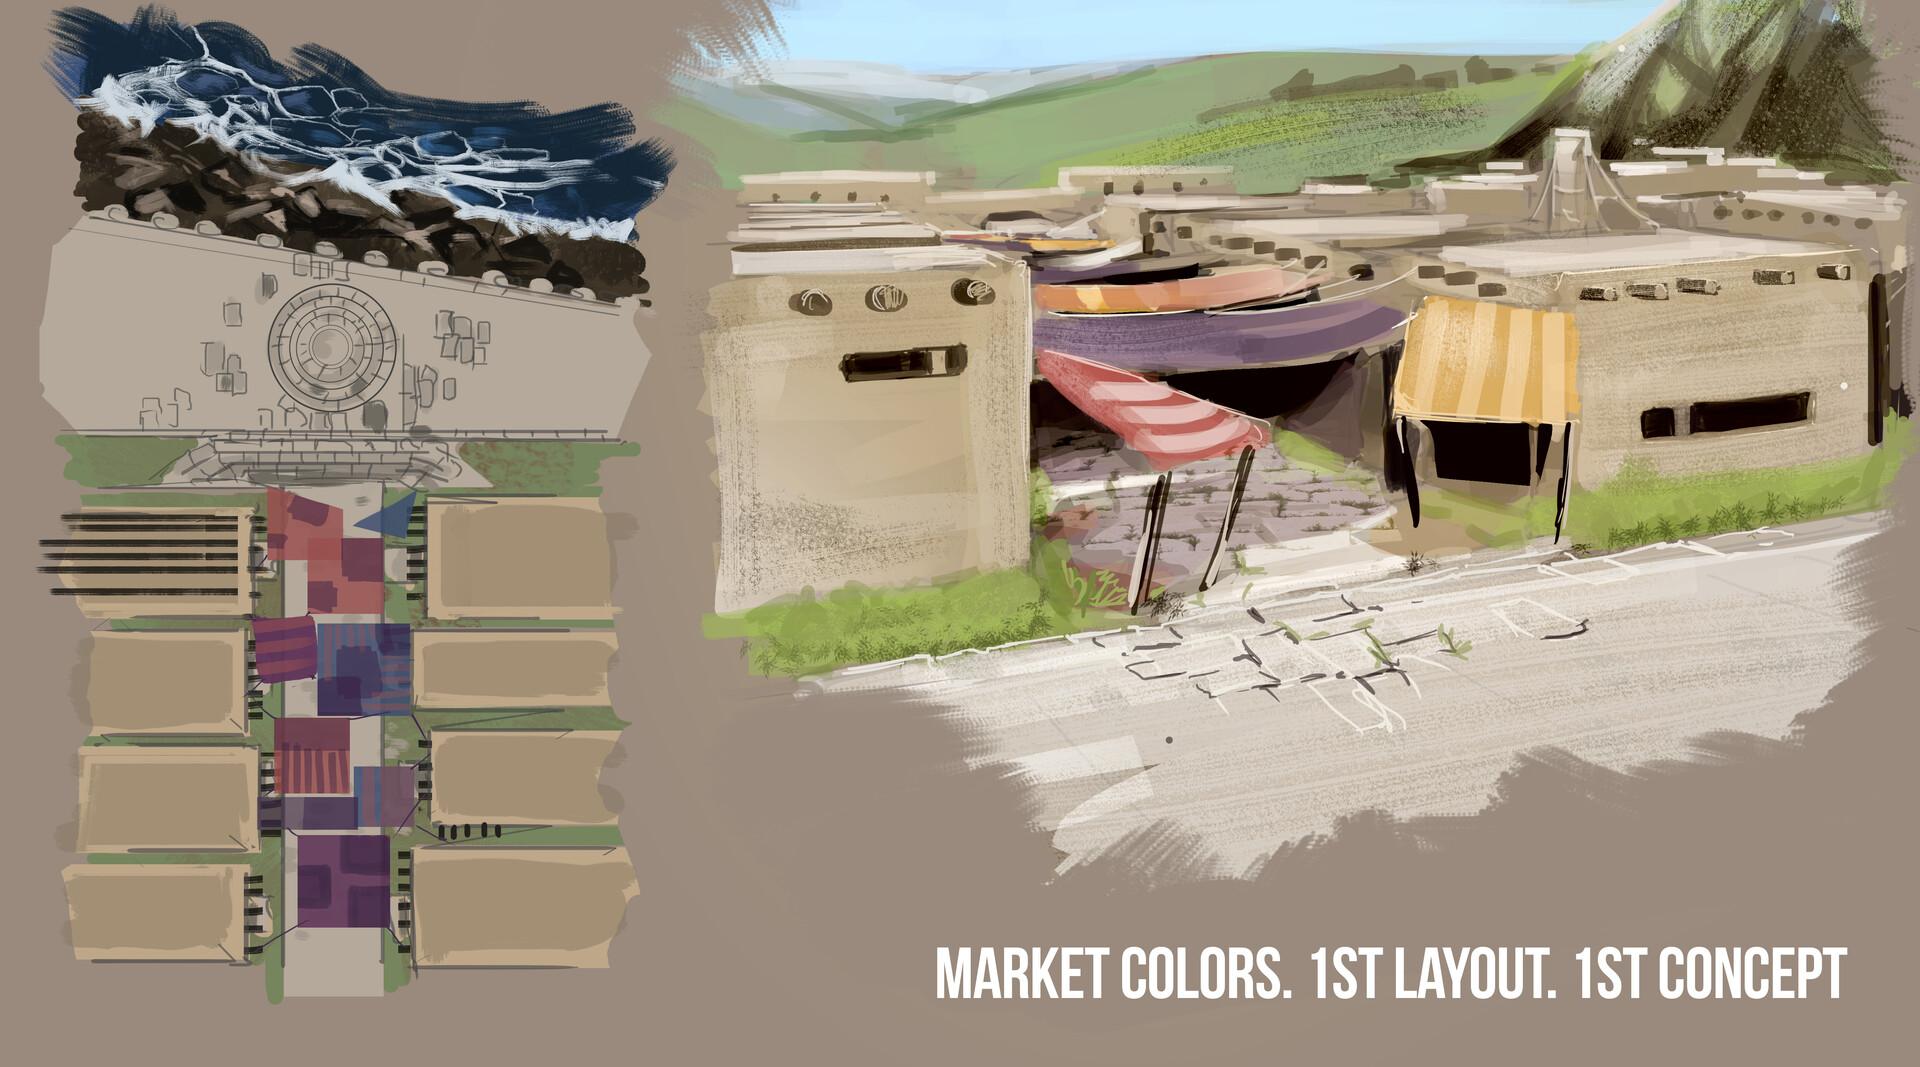 Ernesto sin market color 1st